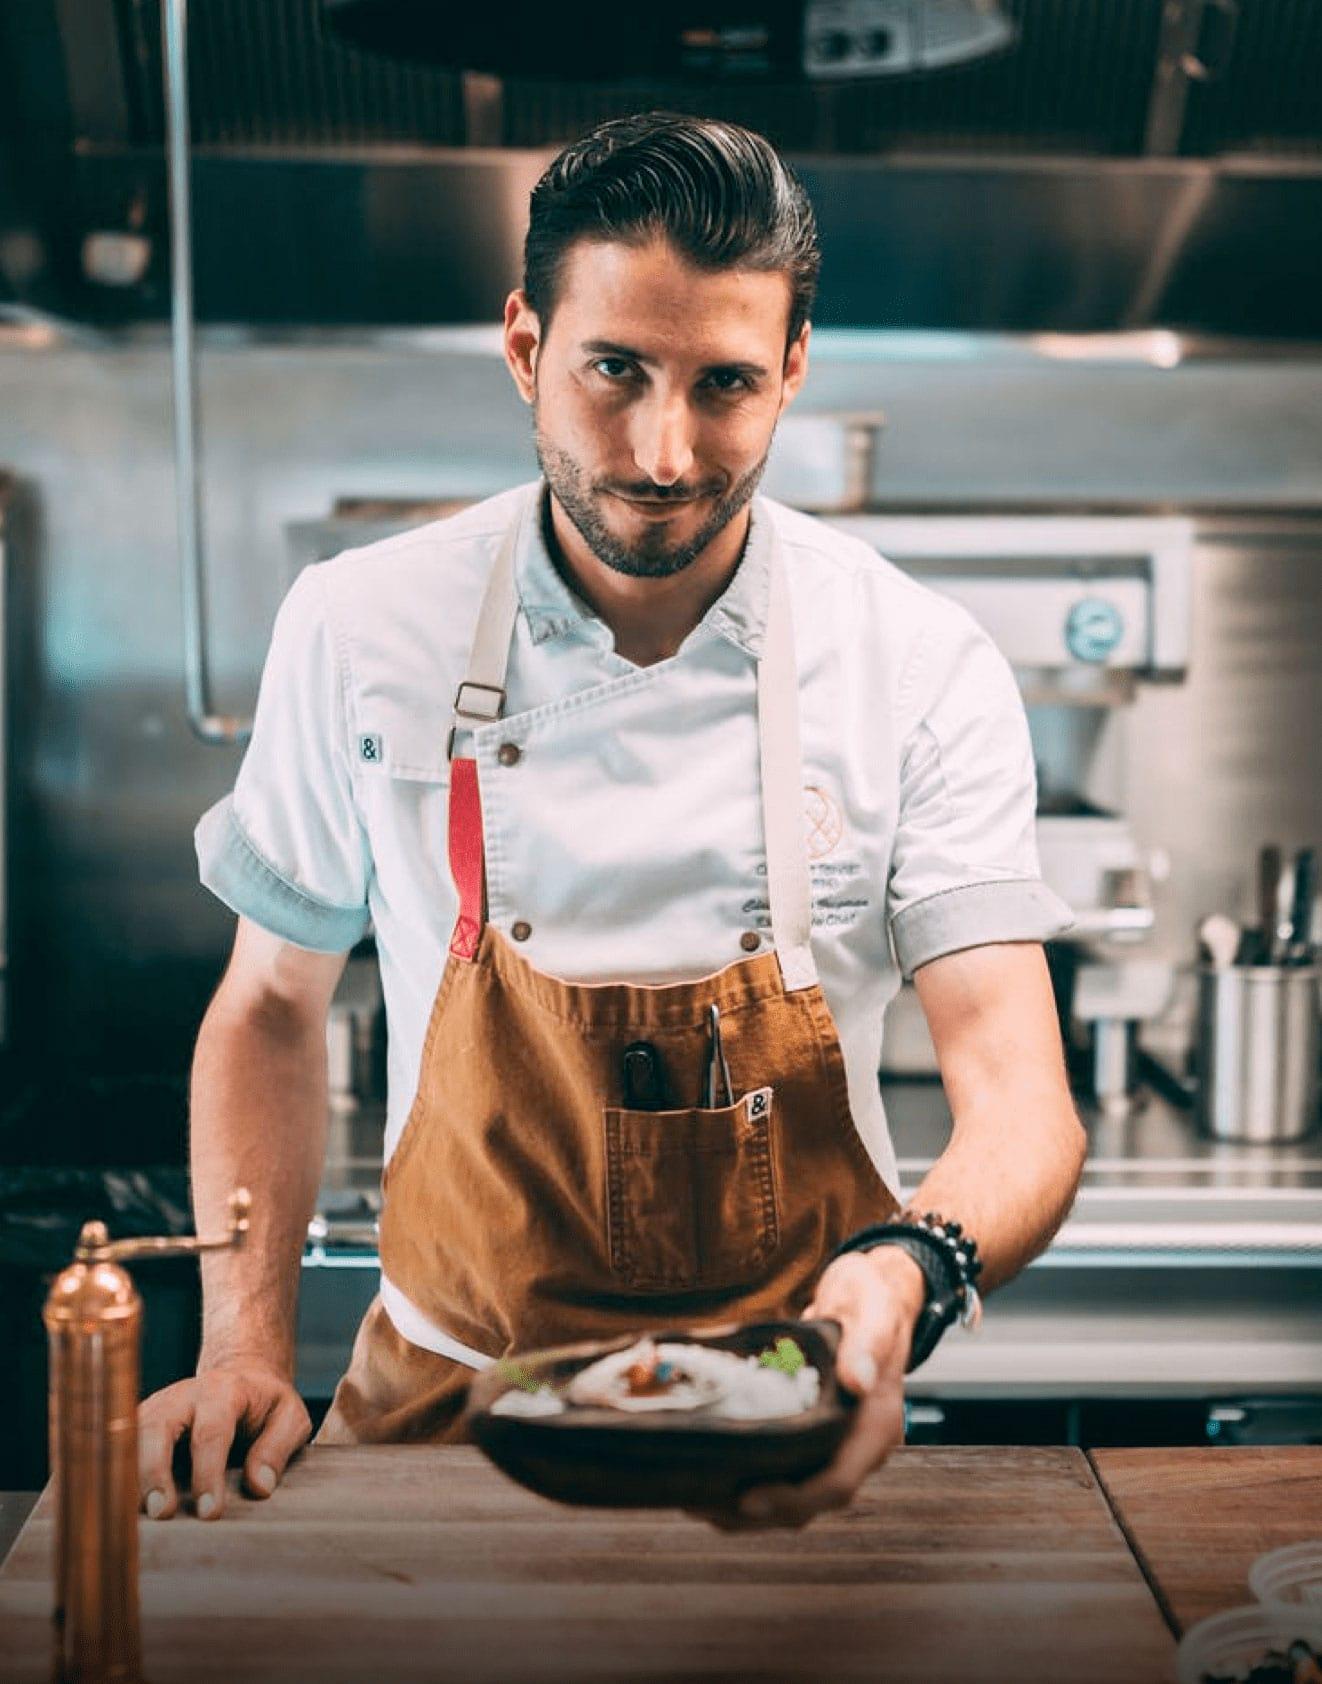 Sam. 31. Chef. Musician. Farmer CPA Client.